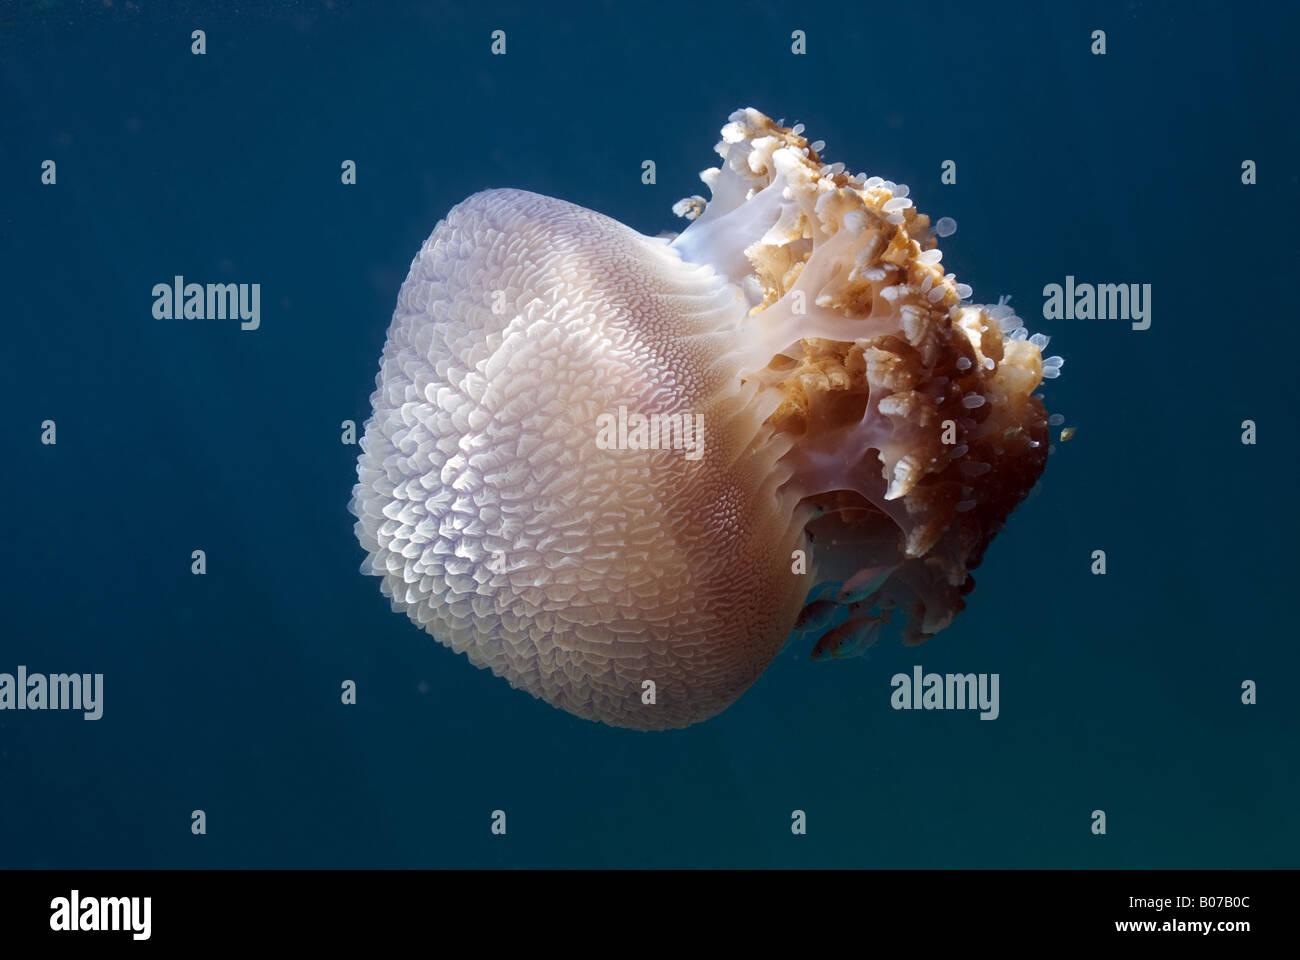 Jellyfish under water Stock Photo